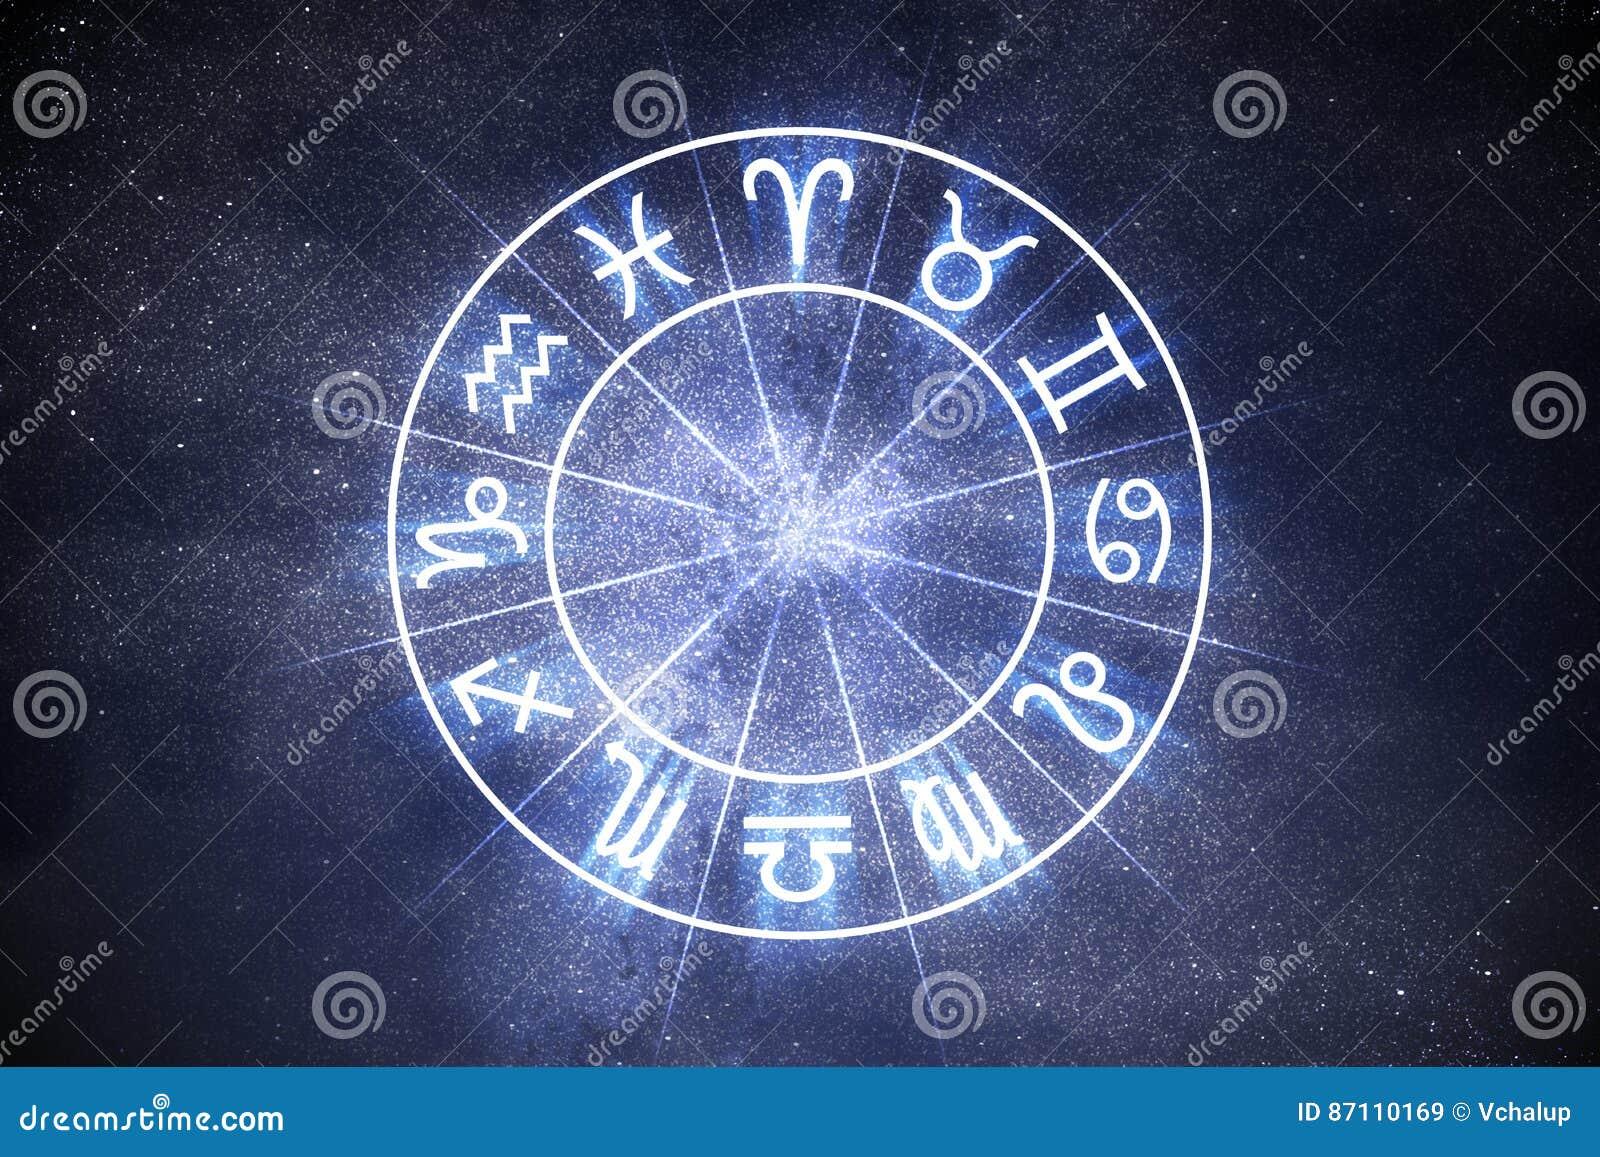 astrologie und horoskopkonzept astrologische sternzeichen. Black Bedroom Furniture Sets. Home Design Ideas